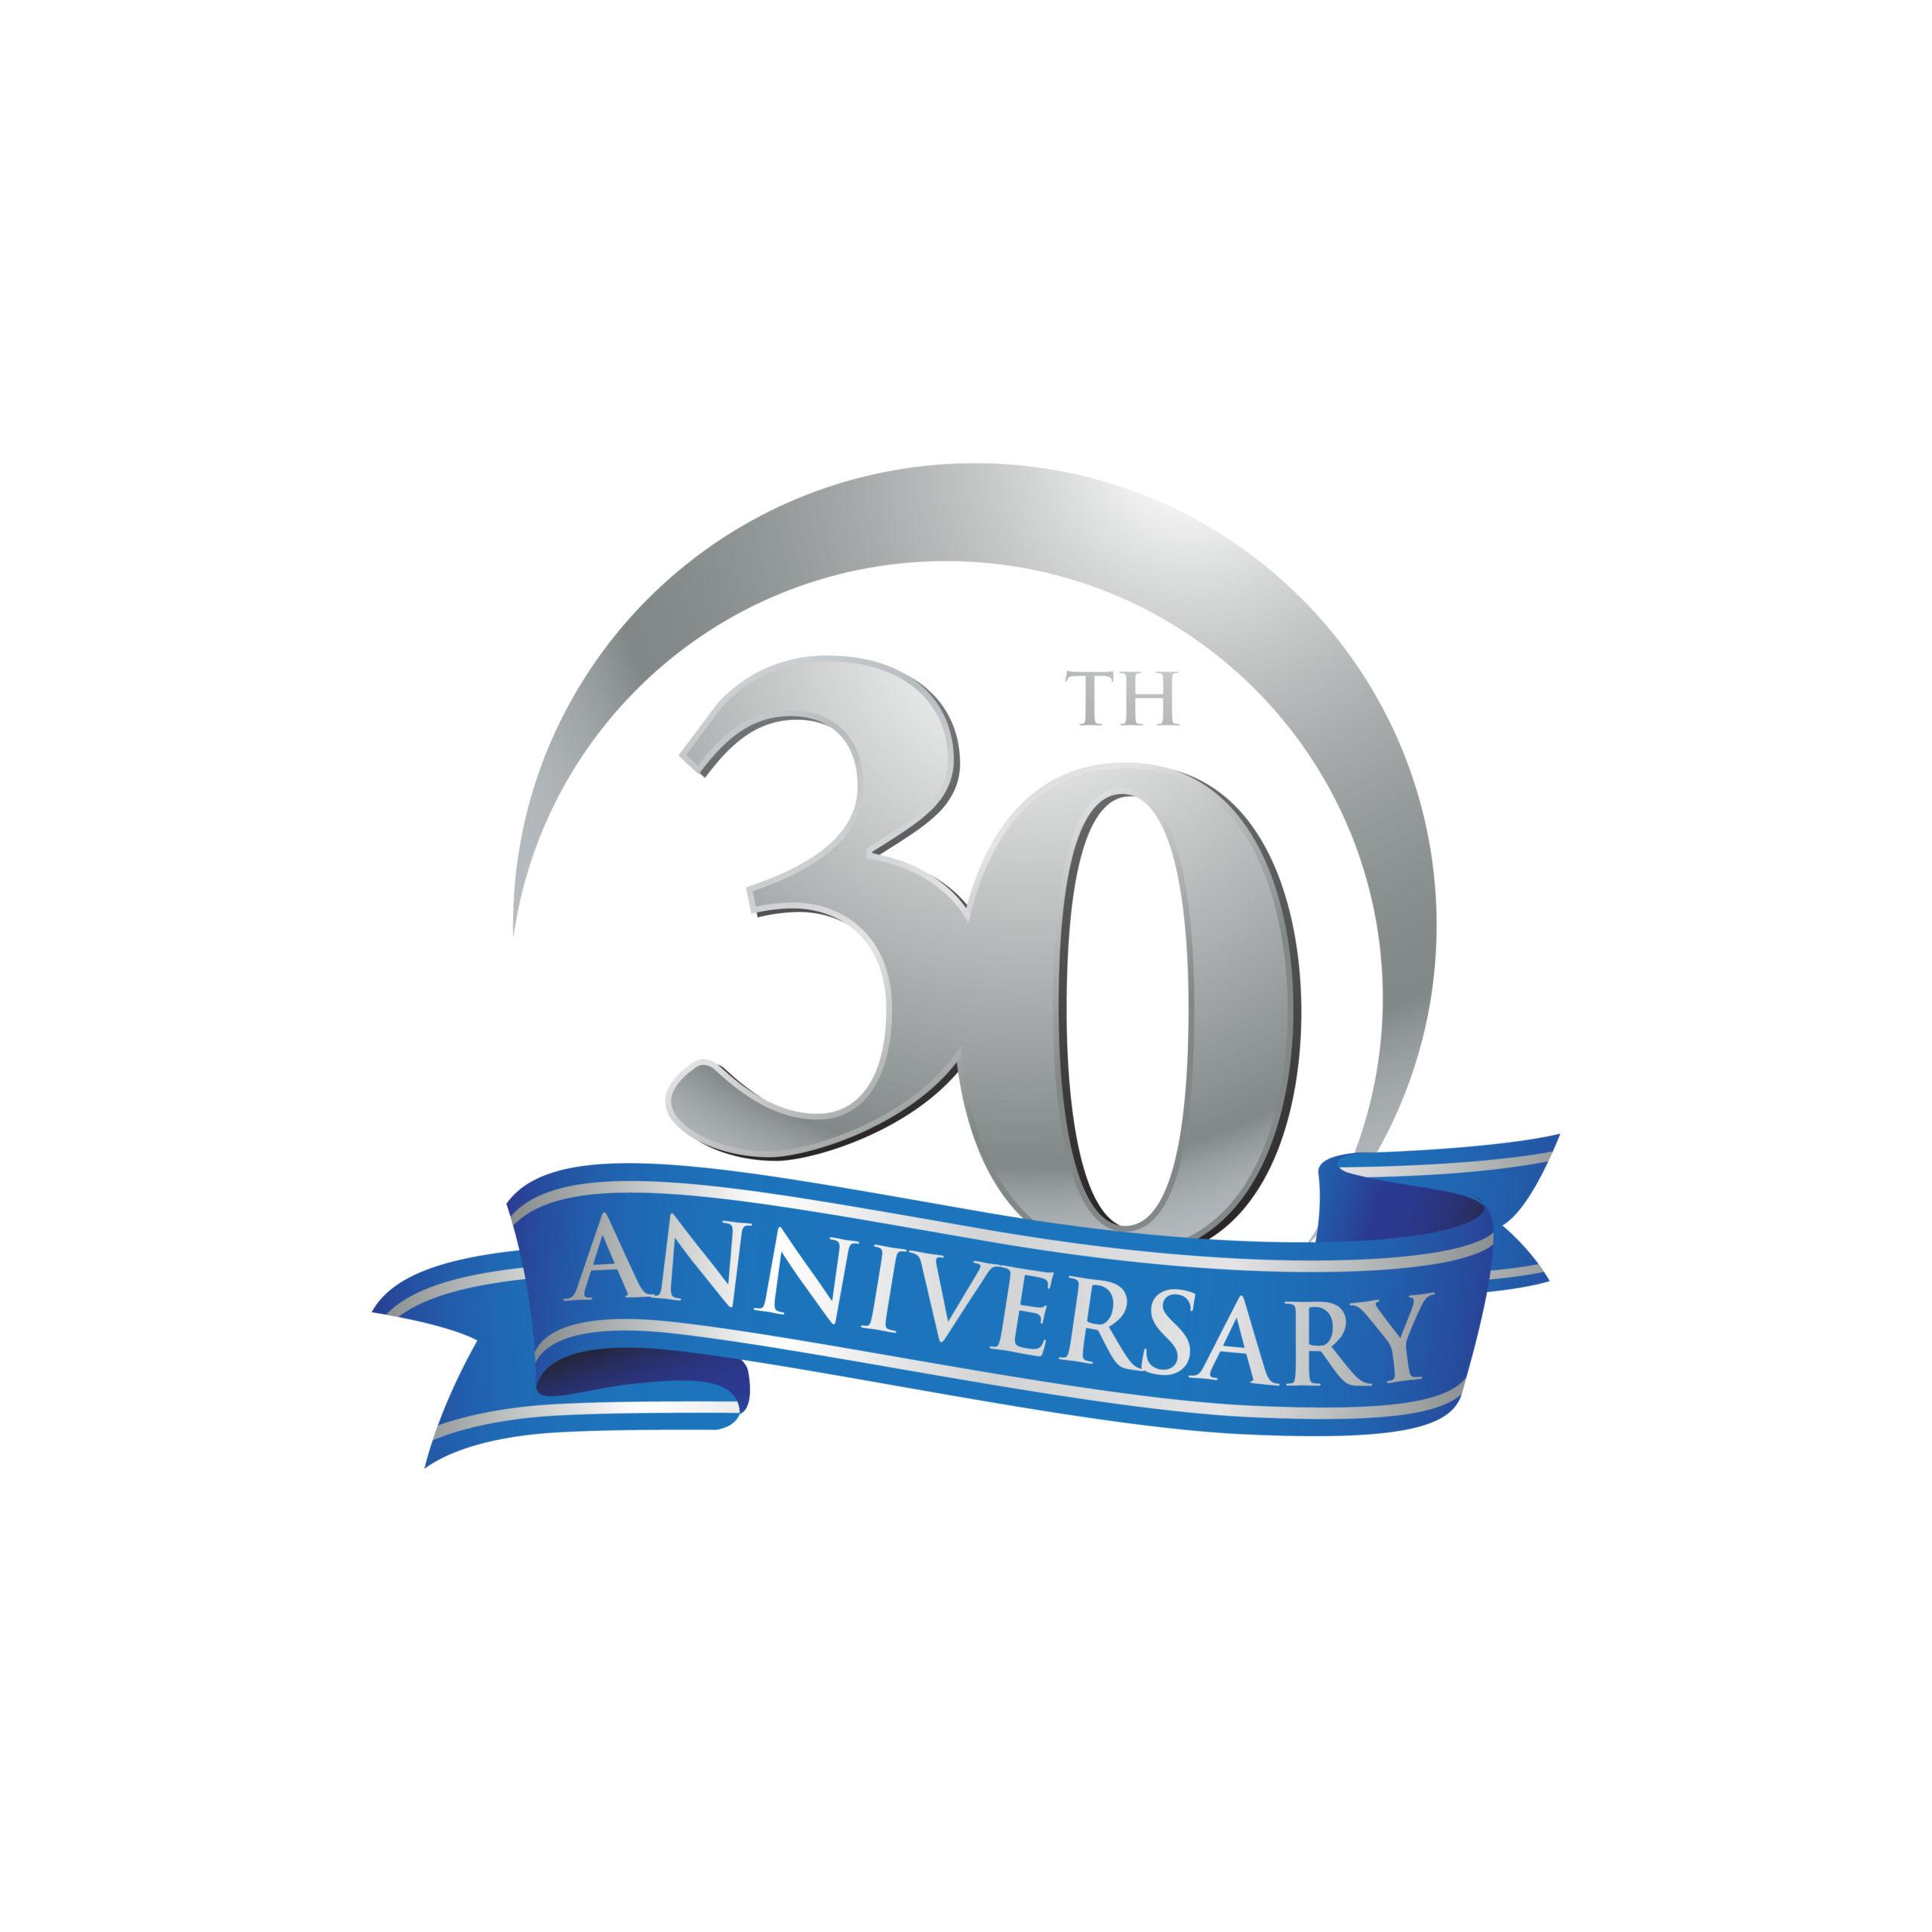 Celebrating 30 Years in 2020